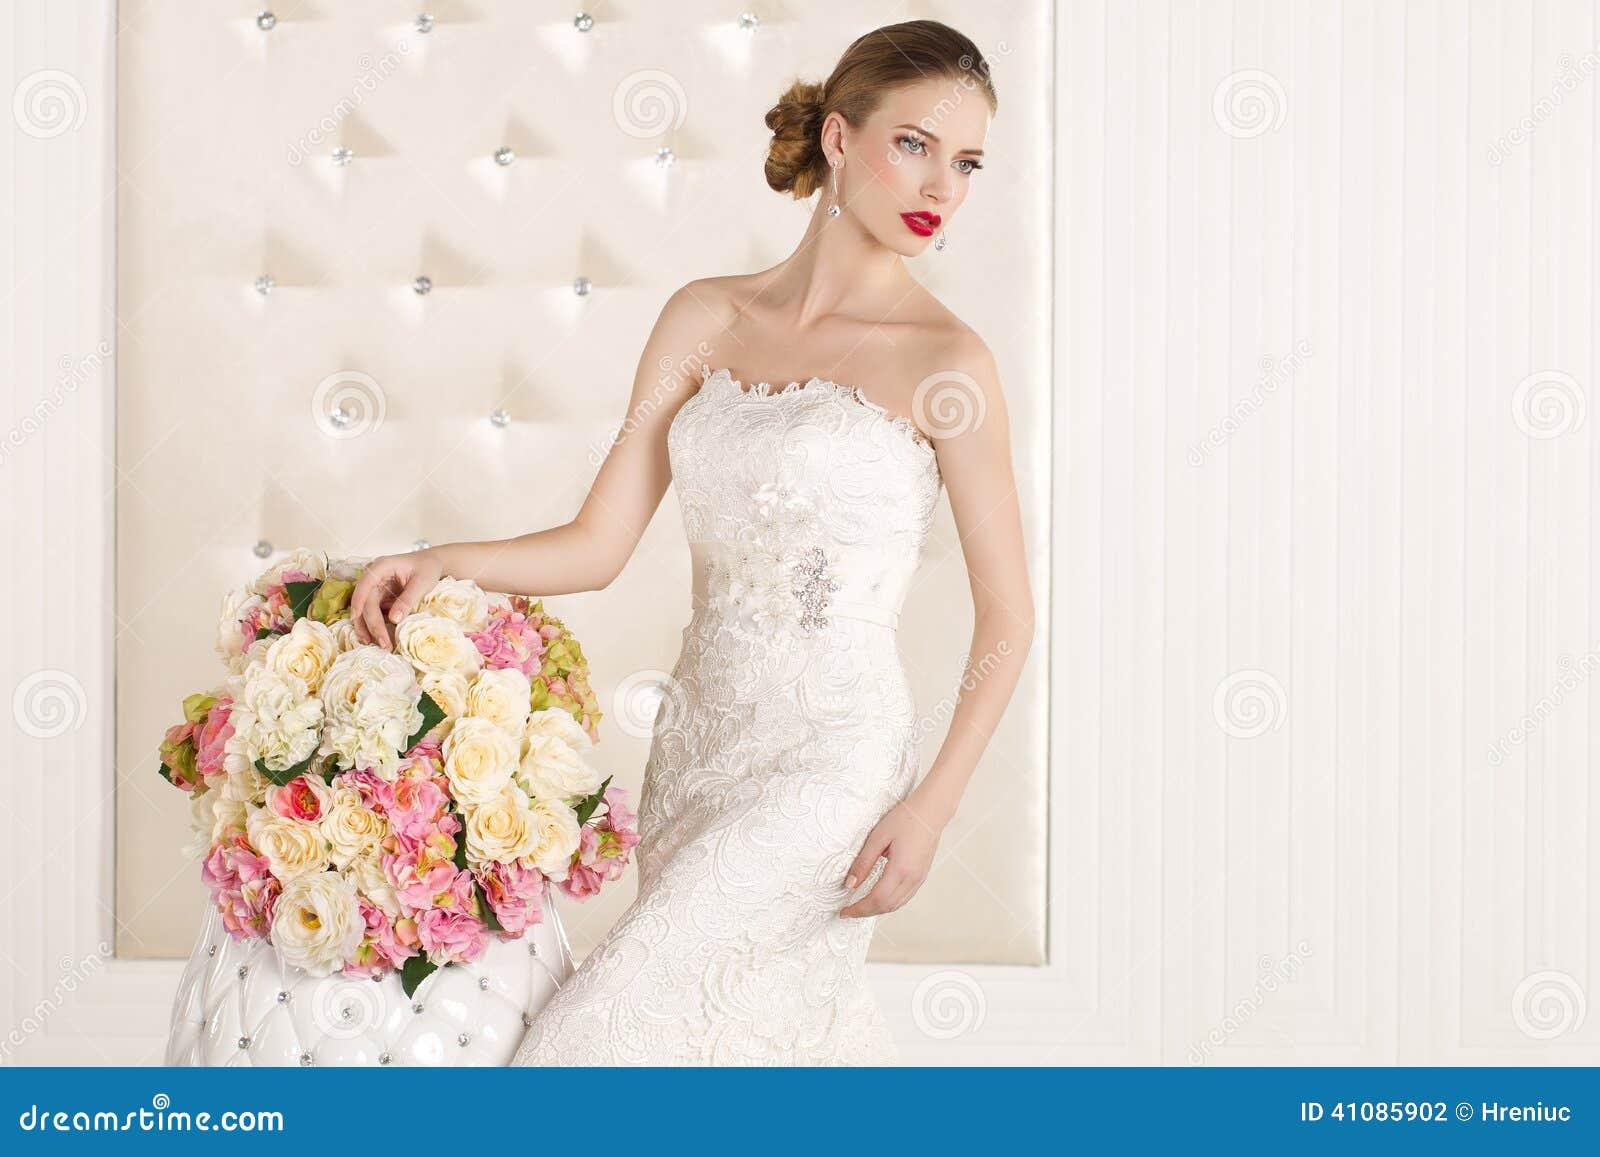 big sale 734ed 55a7e Sposa Splendida Con Il Vestito Bianco Con Il Mazzo Dei Fiori ...